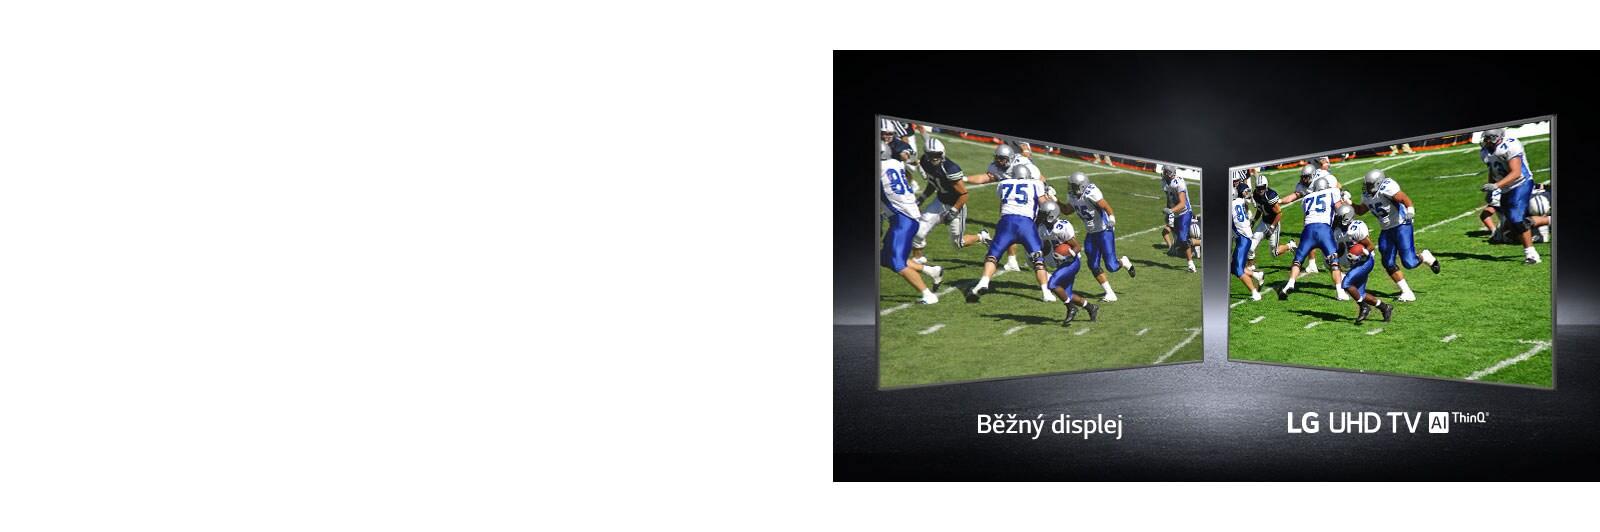 Zobrazení obrázku hráčů amerického fotbalu na hřišti. Jedno je na běžné obrazovce adruhé na televizoru UHD.